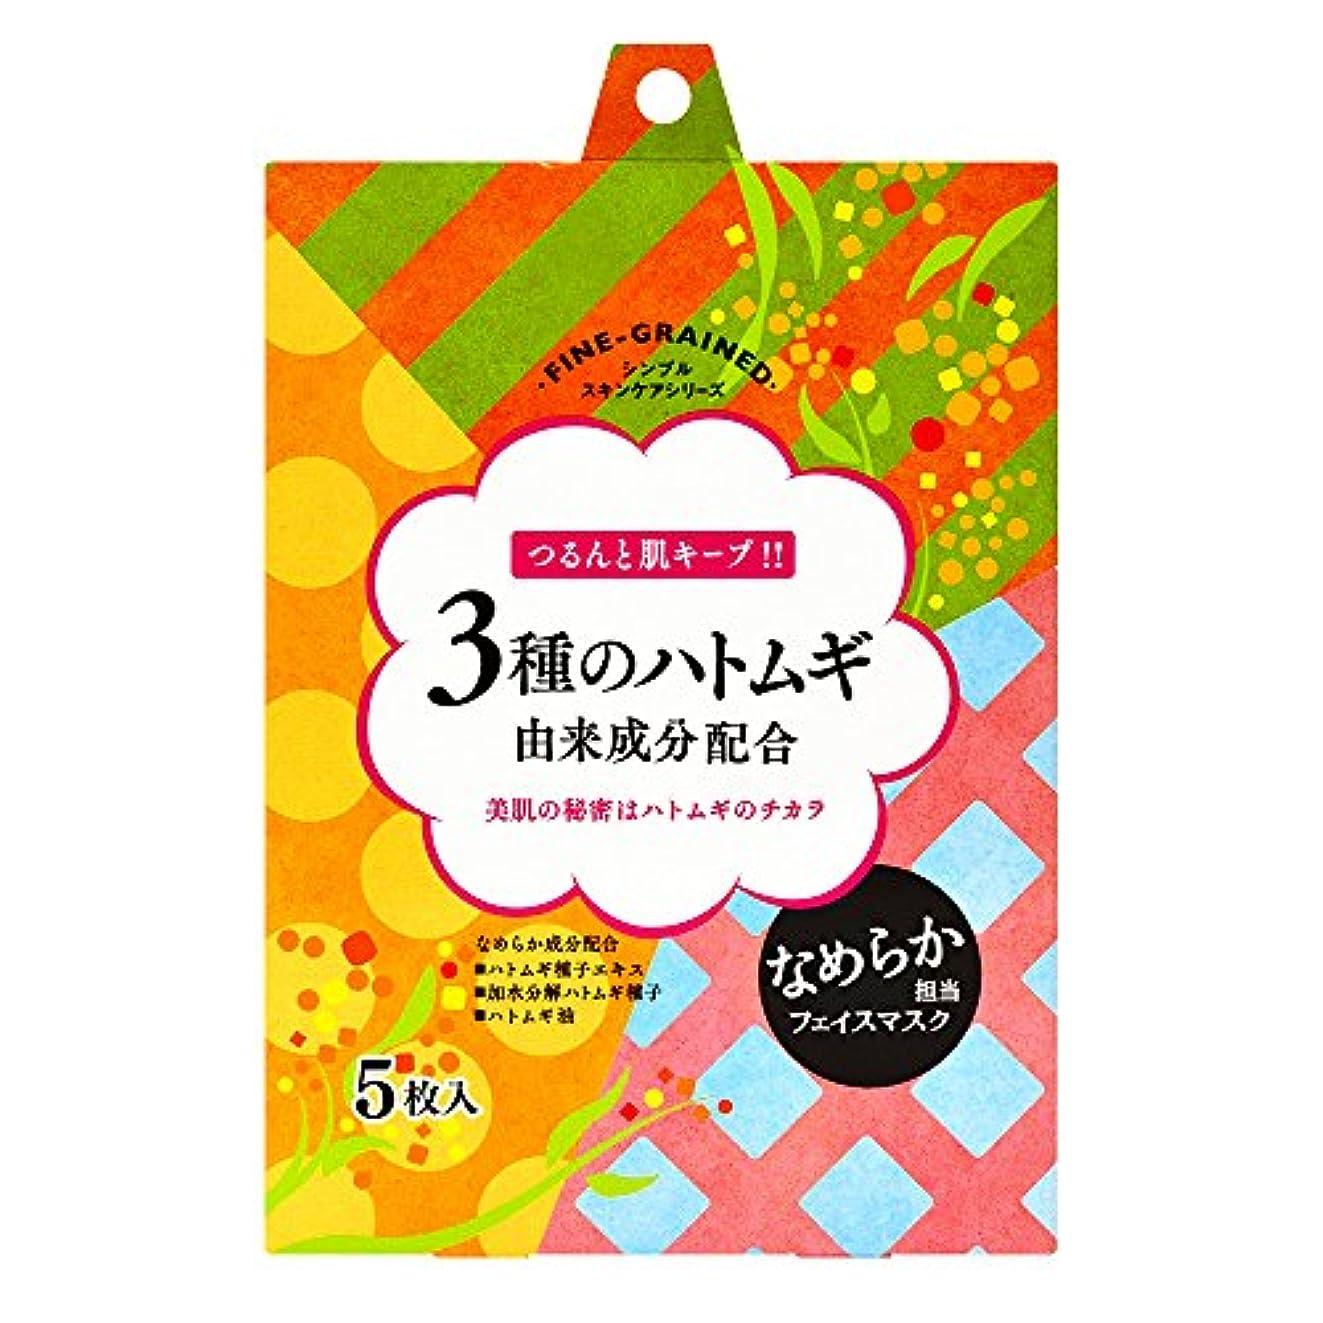 FINE GRAINED 3種のハトムギ由来成分フェイスマスク 1枚入×5袋